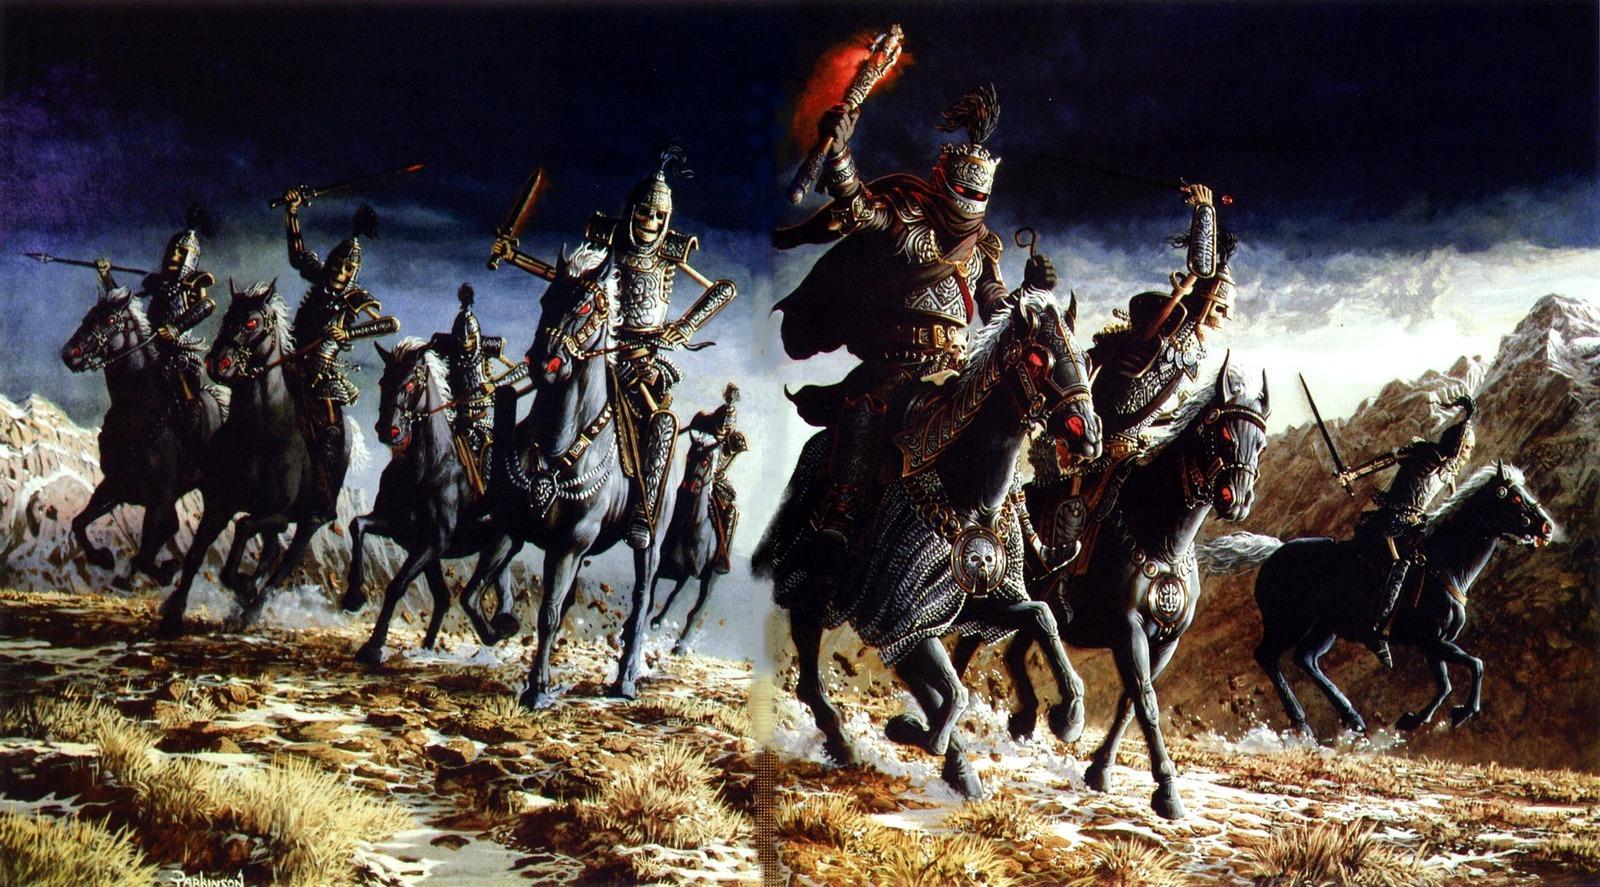 Картинки Лошади Кит Паркинсон Нежить Воители бежит Фэнтези лошадь Keith Parkinson Нечисть воин воины Бег бегущая бегущий Фантастика